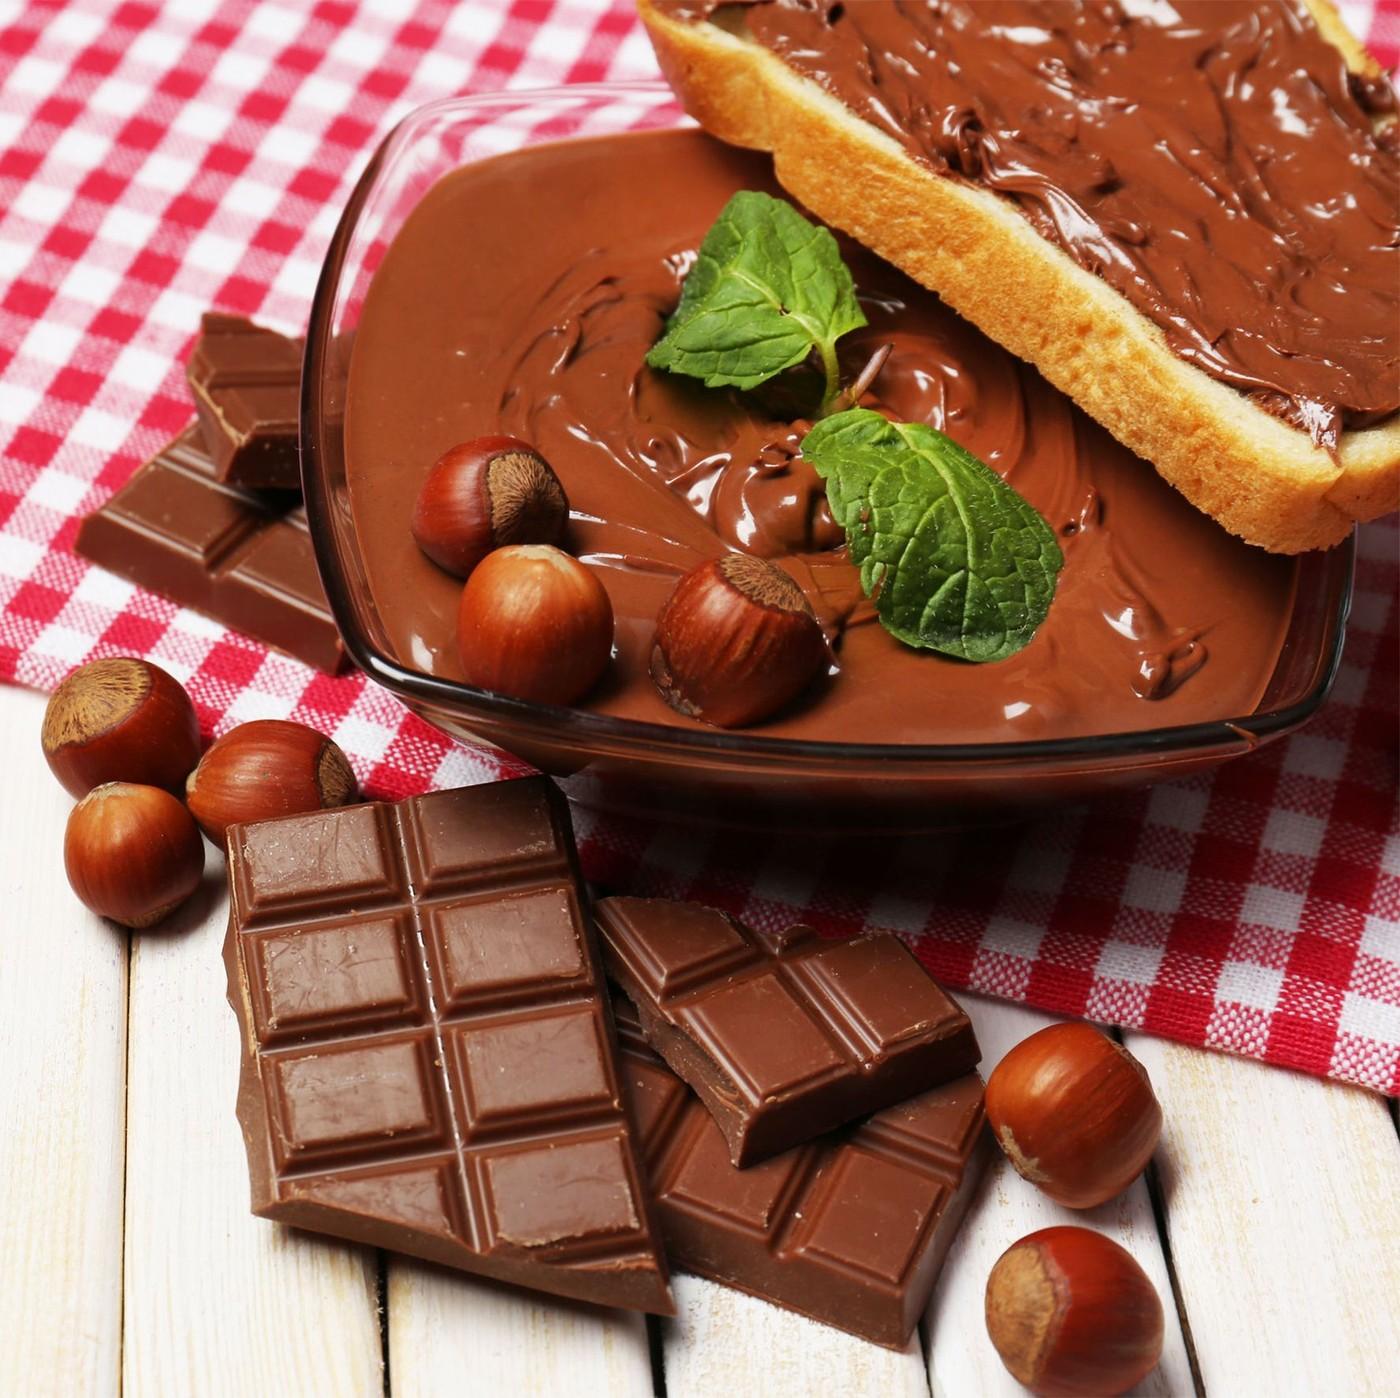 receta de Nutella